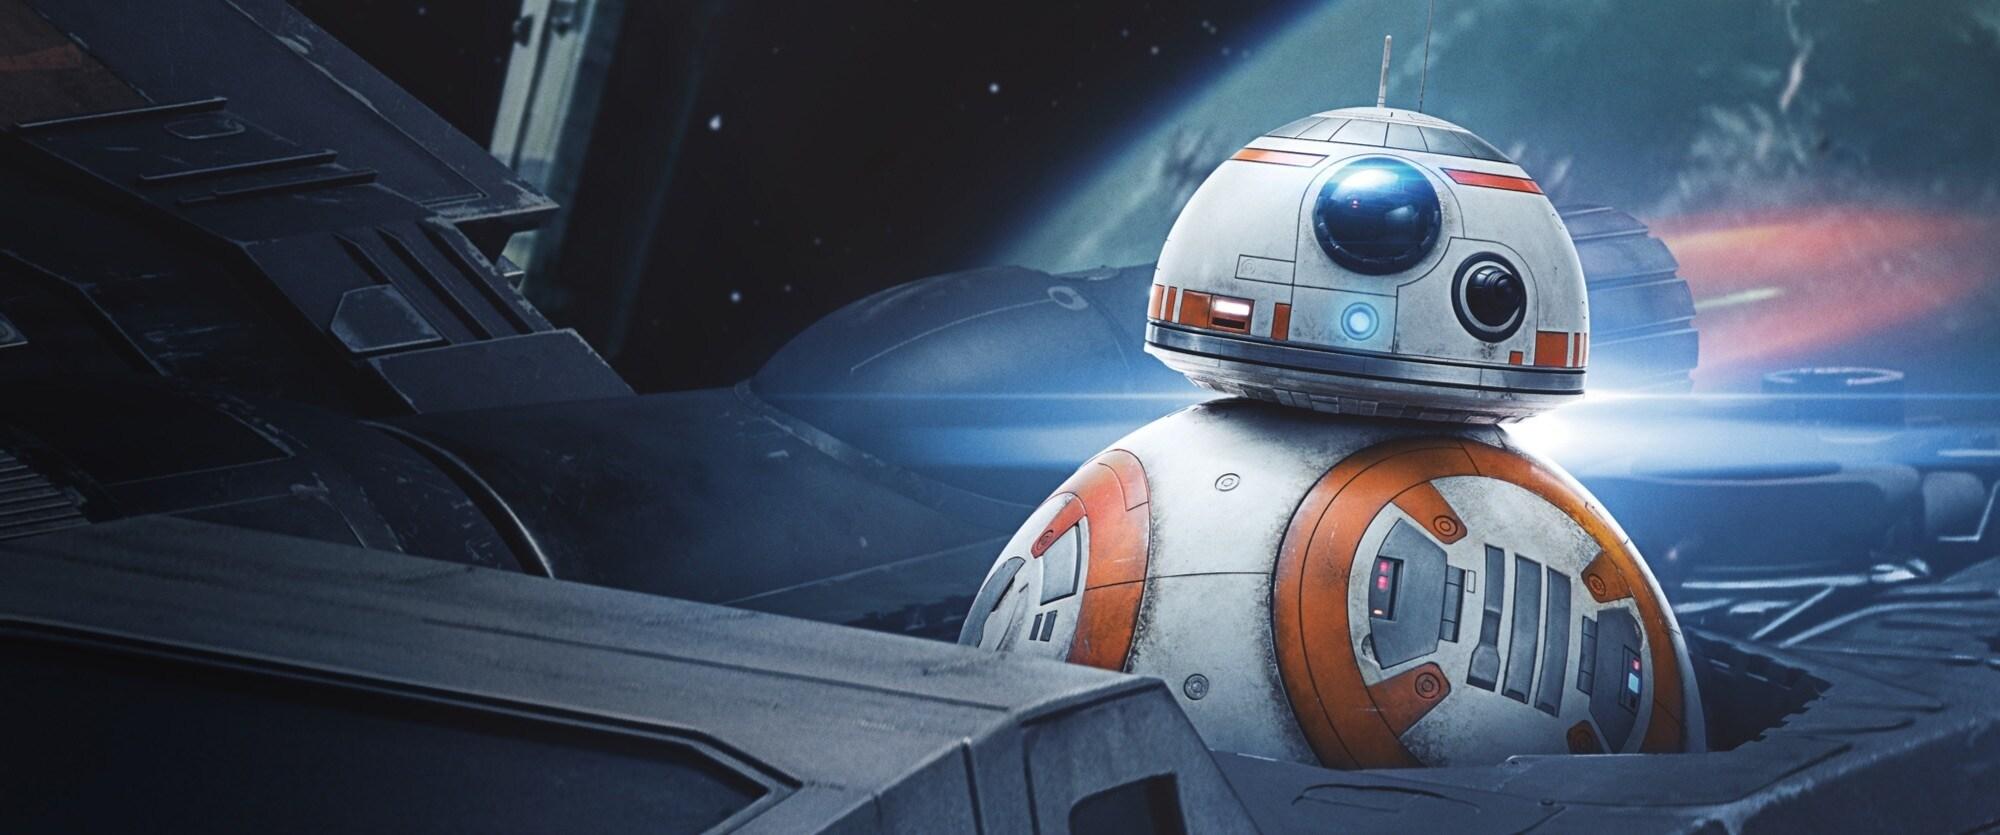 Star Wars: Poslední z Jediů | Dostupné ke stažení a uložení